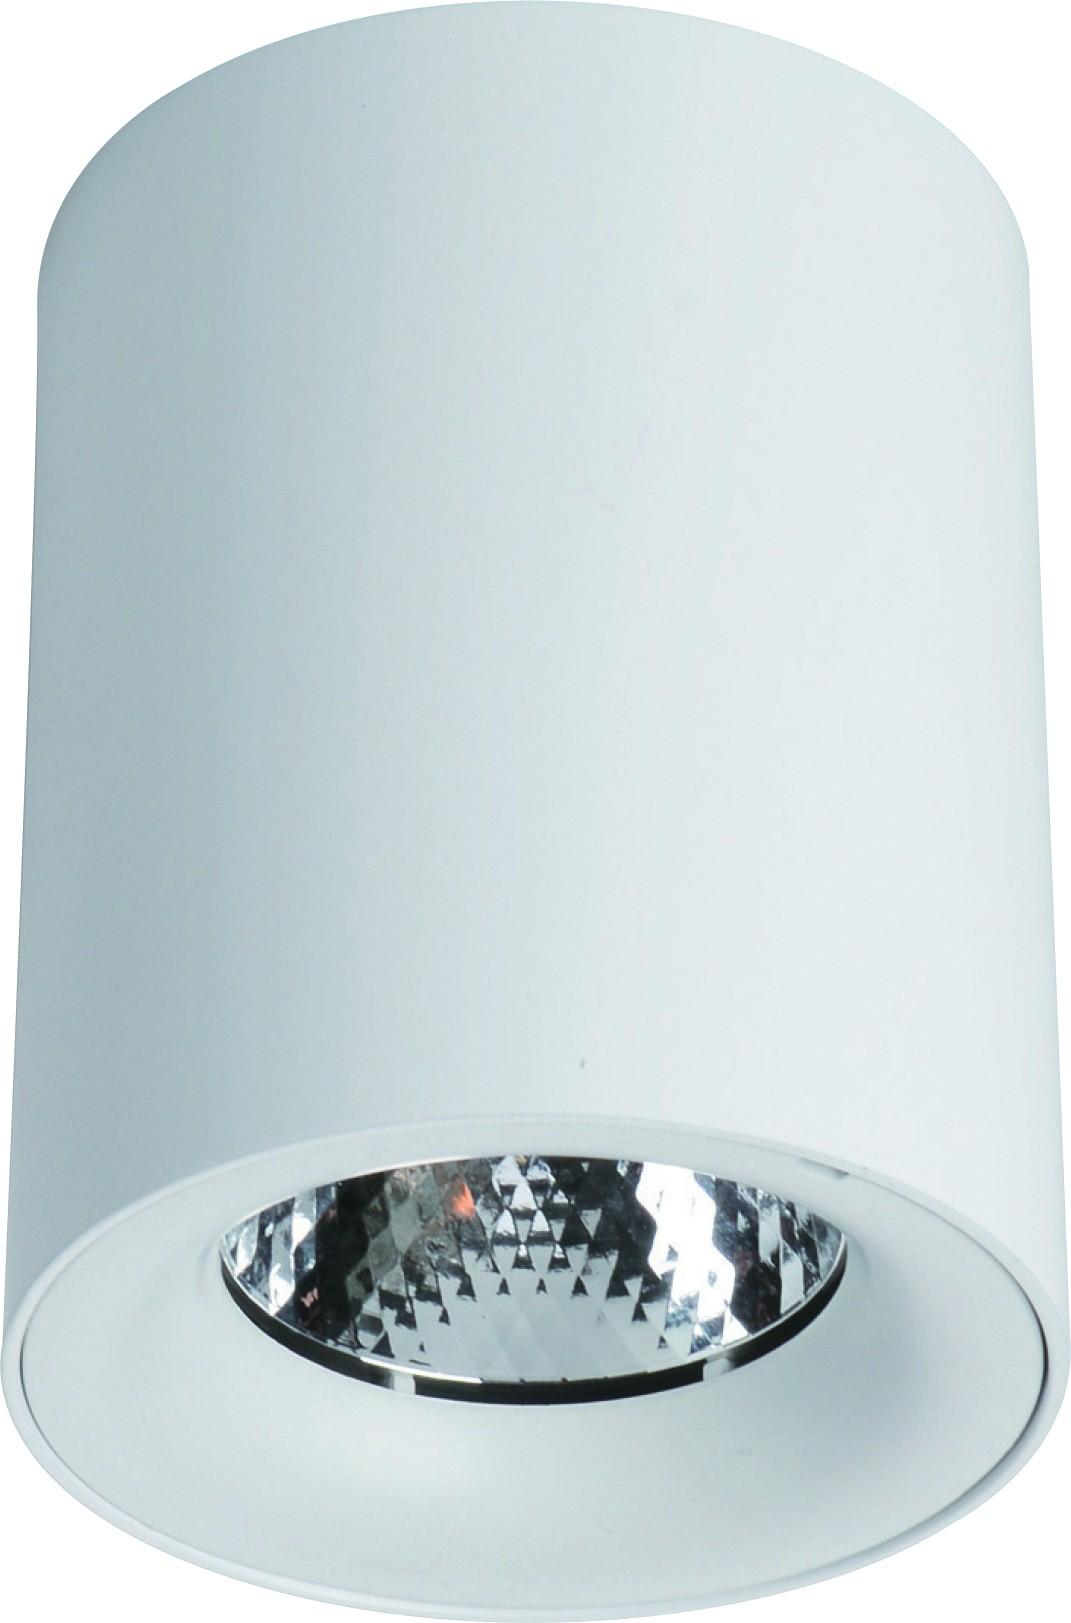 Светильник встраиваемый Arte lamp A5112pl-1wh arte lamp встраиваемый светодиодный светильник arte lamp cardani a1212pl 1wh